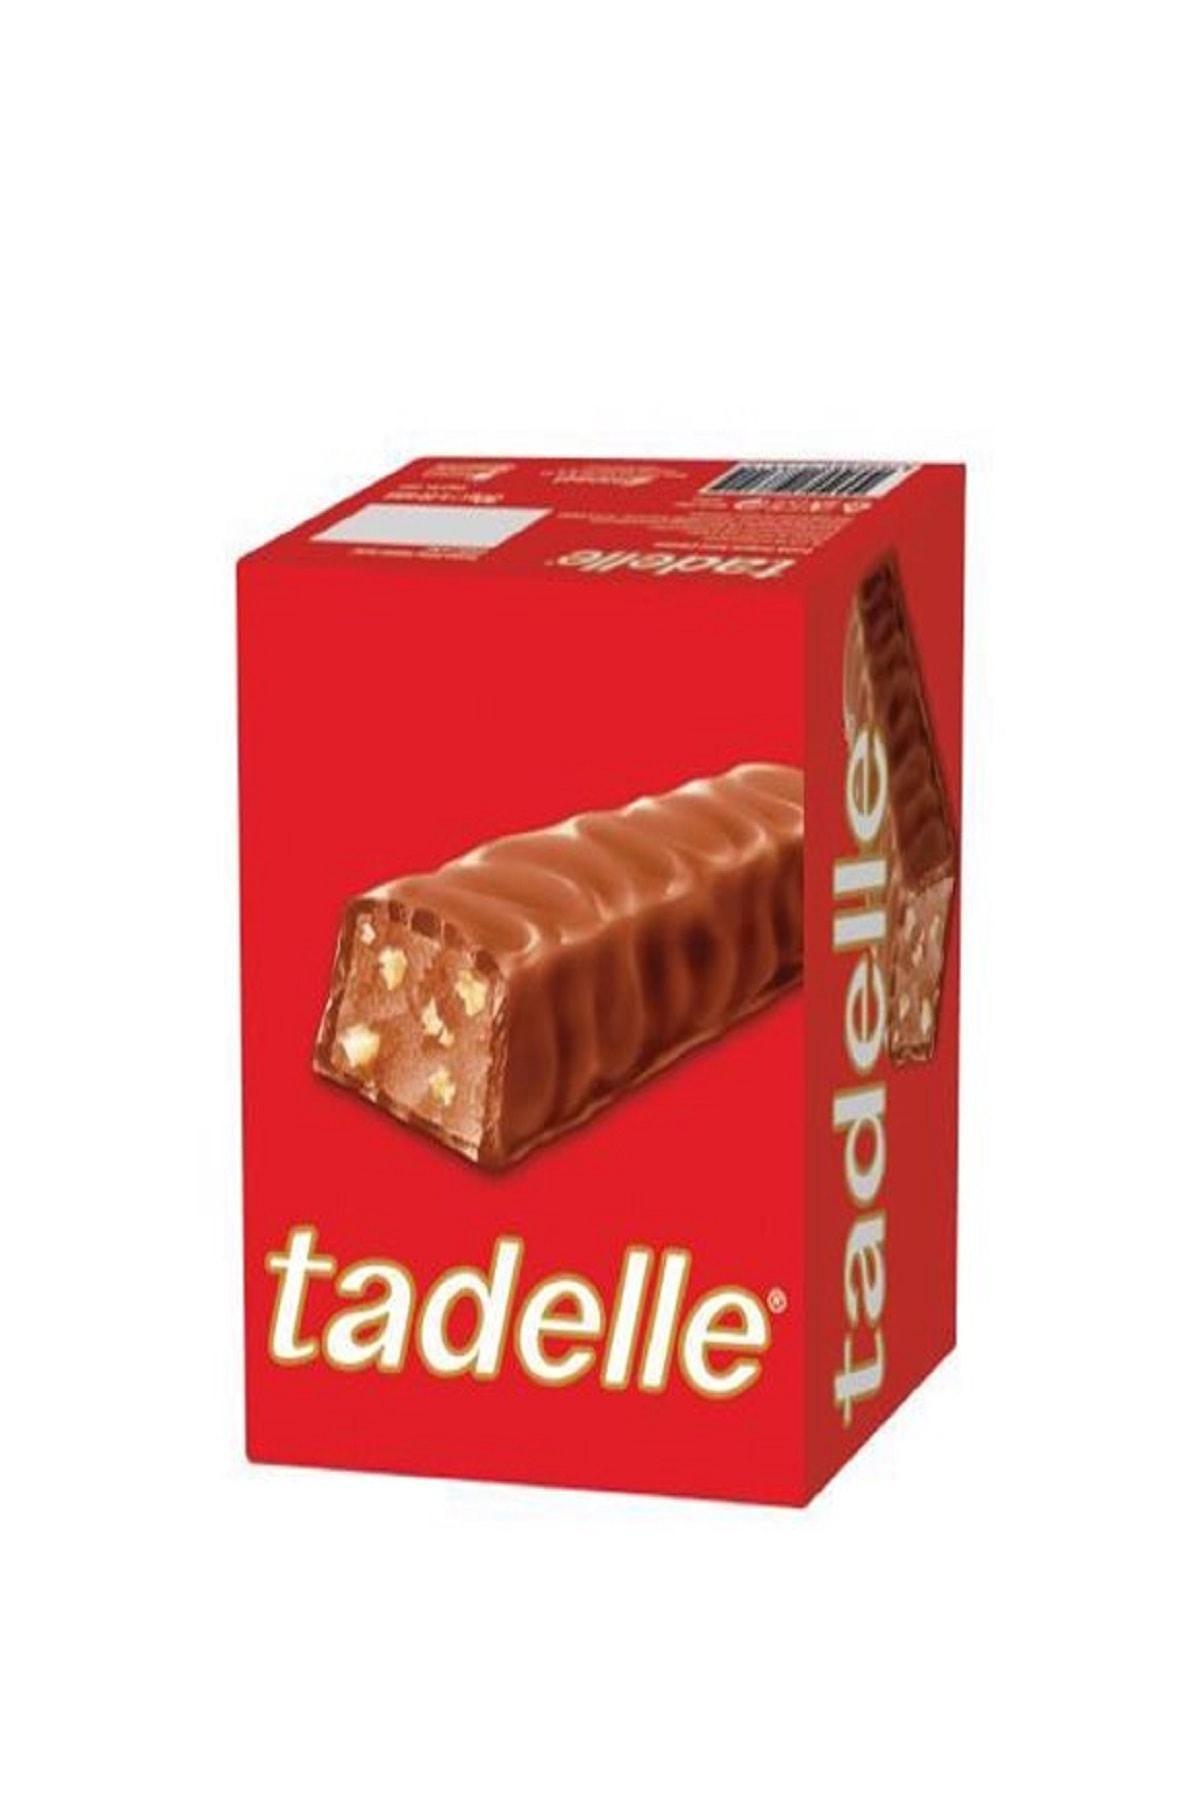 Tadelle Maxi Sütlü Çikolata 30 gr X 20 1